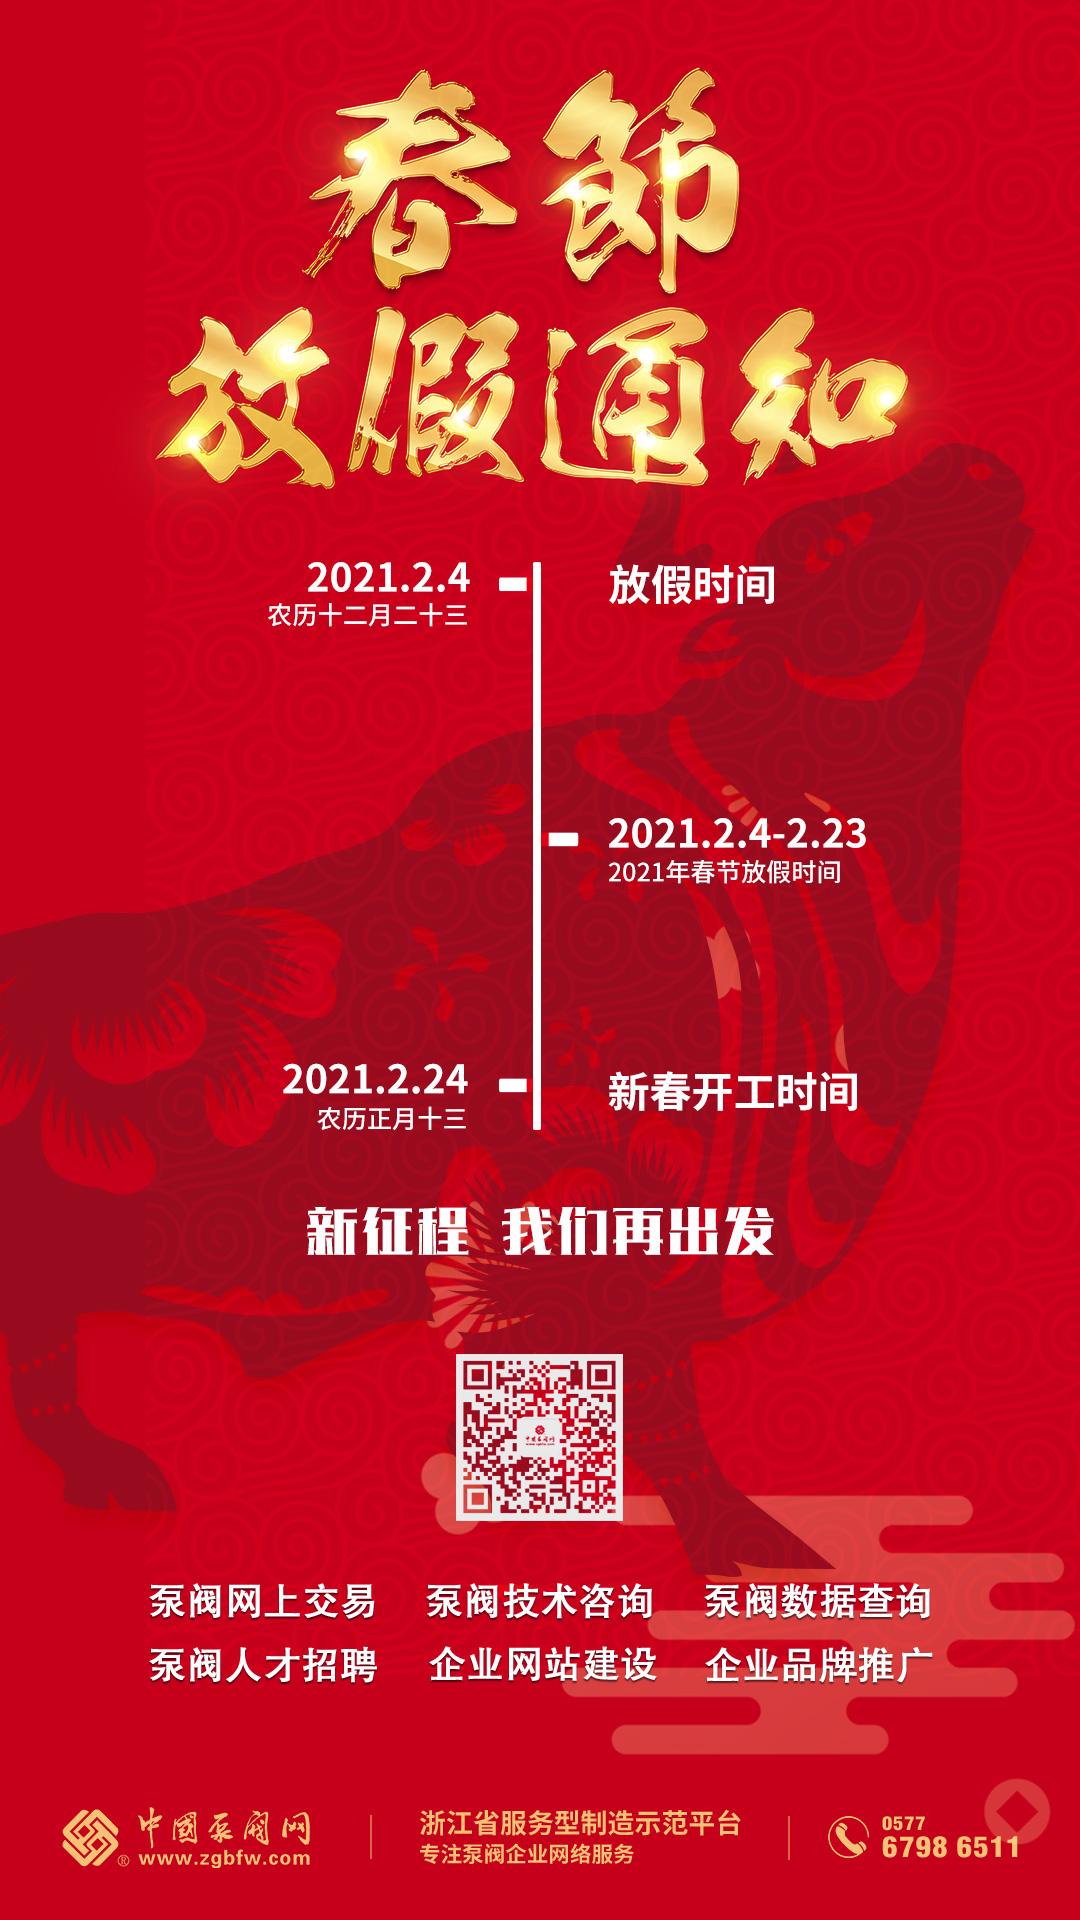 中国泵阀网2021年春节放假通知